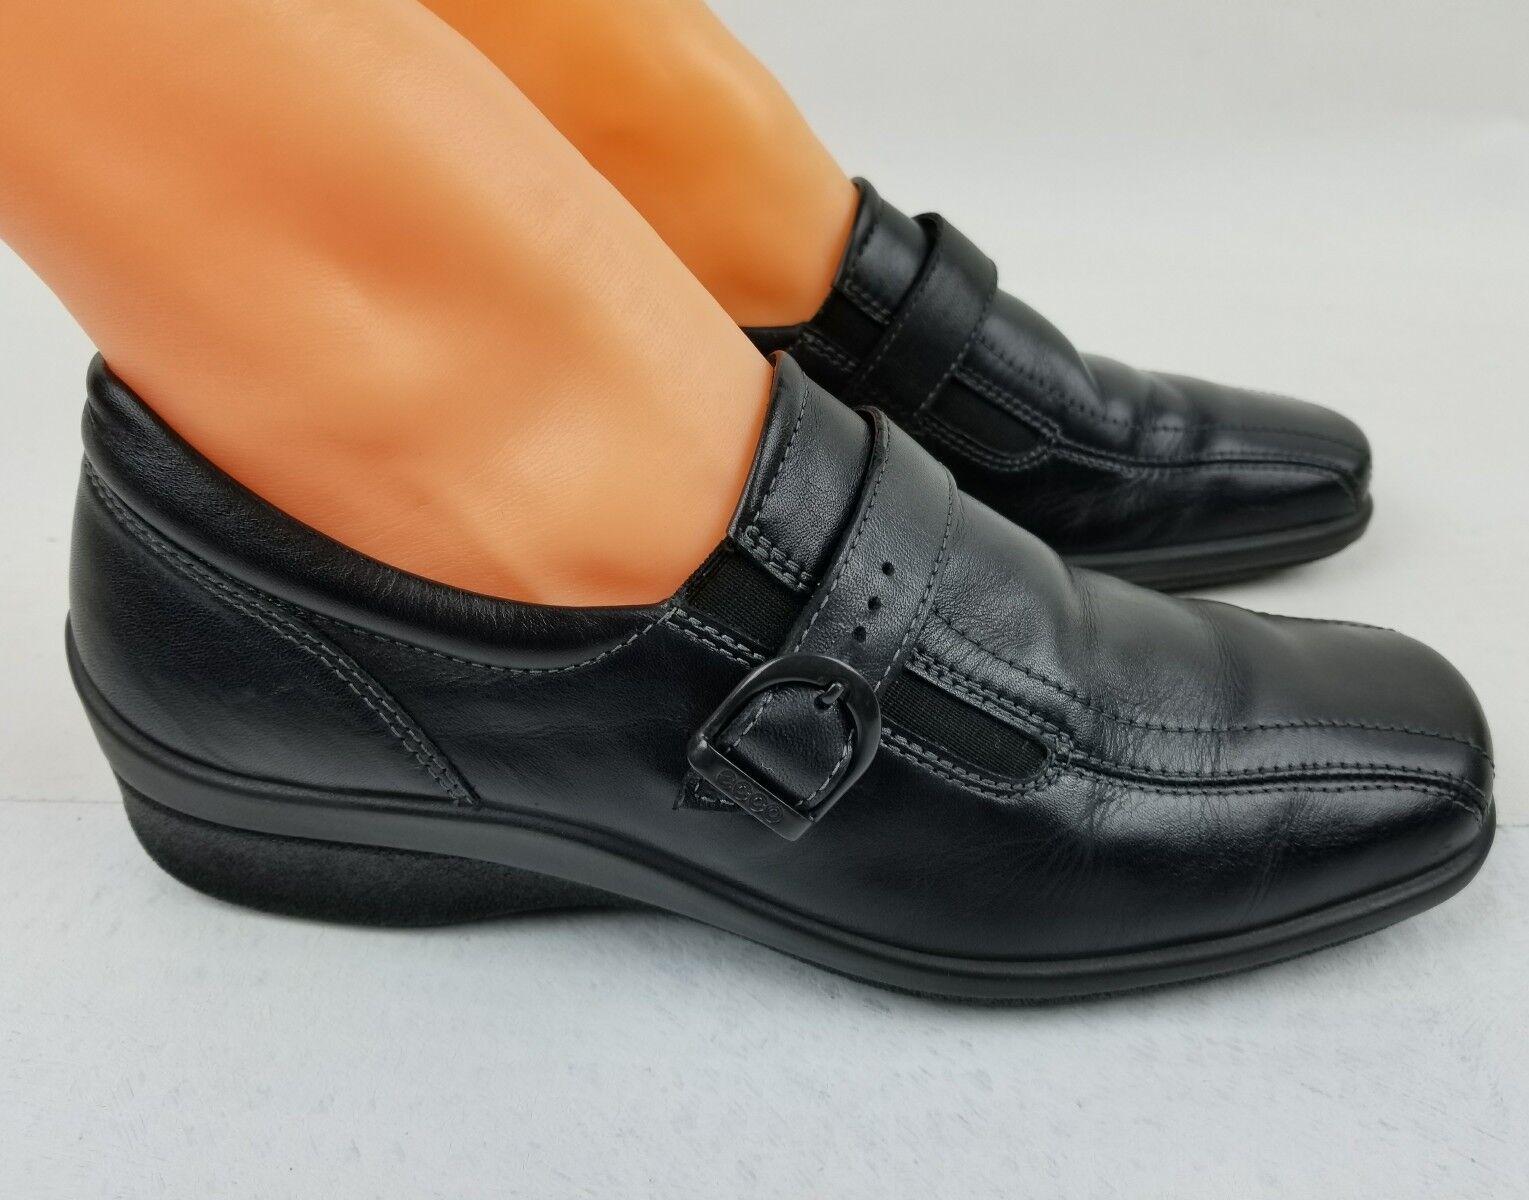 ECCO Footwear Women's Black Slip-on shoes Size 8 EU 38